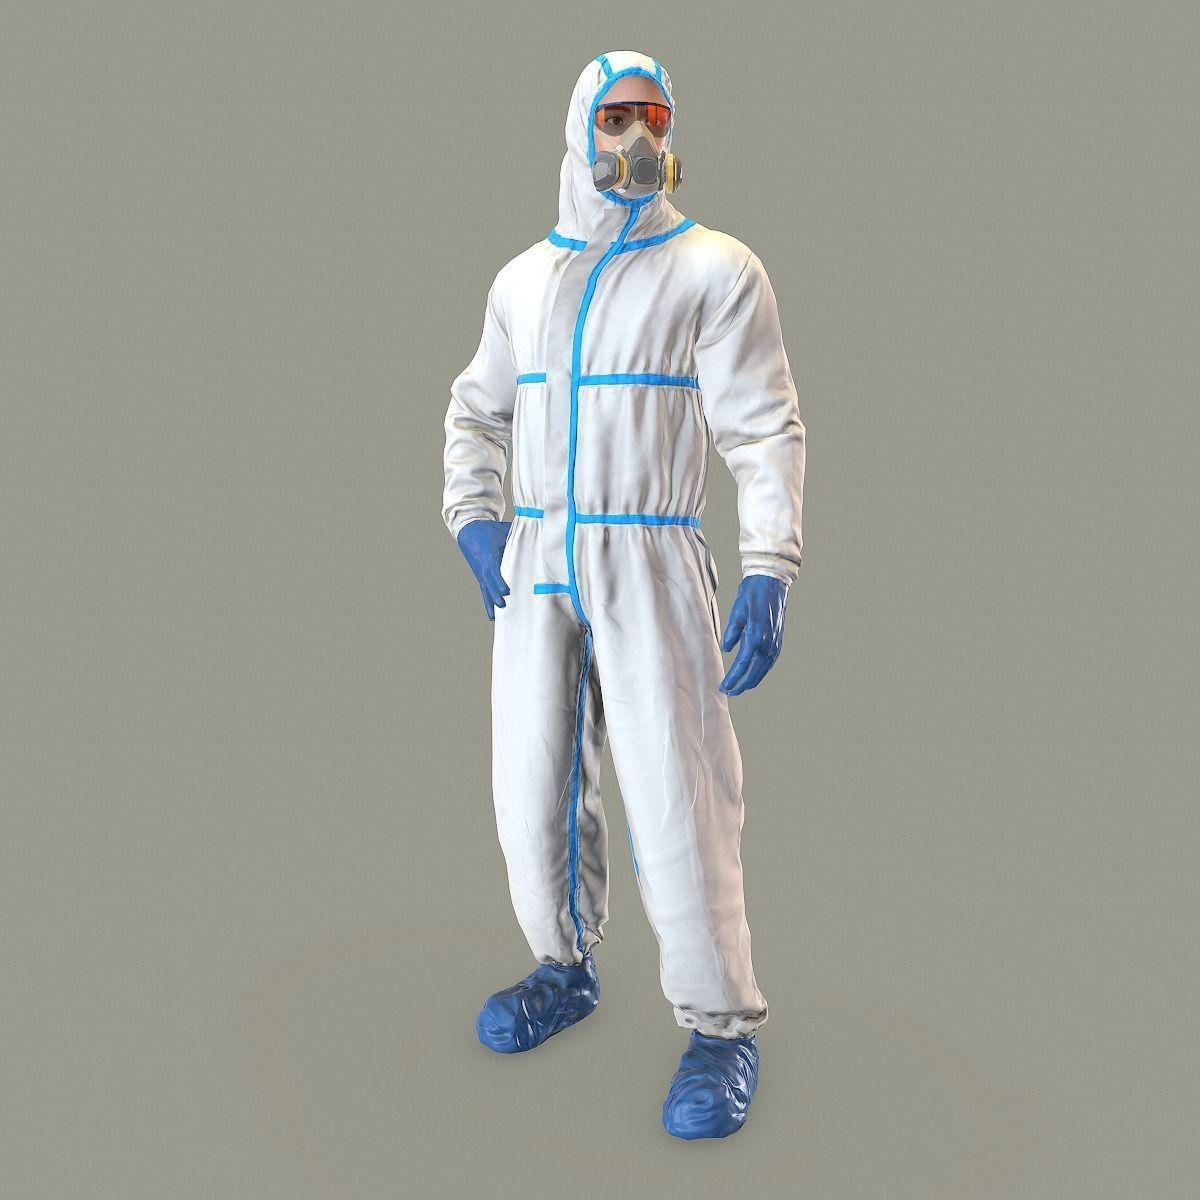 Hazmat suit rigged